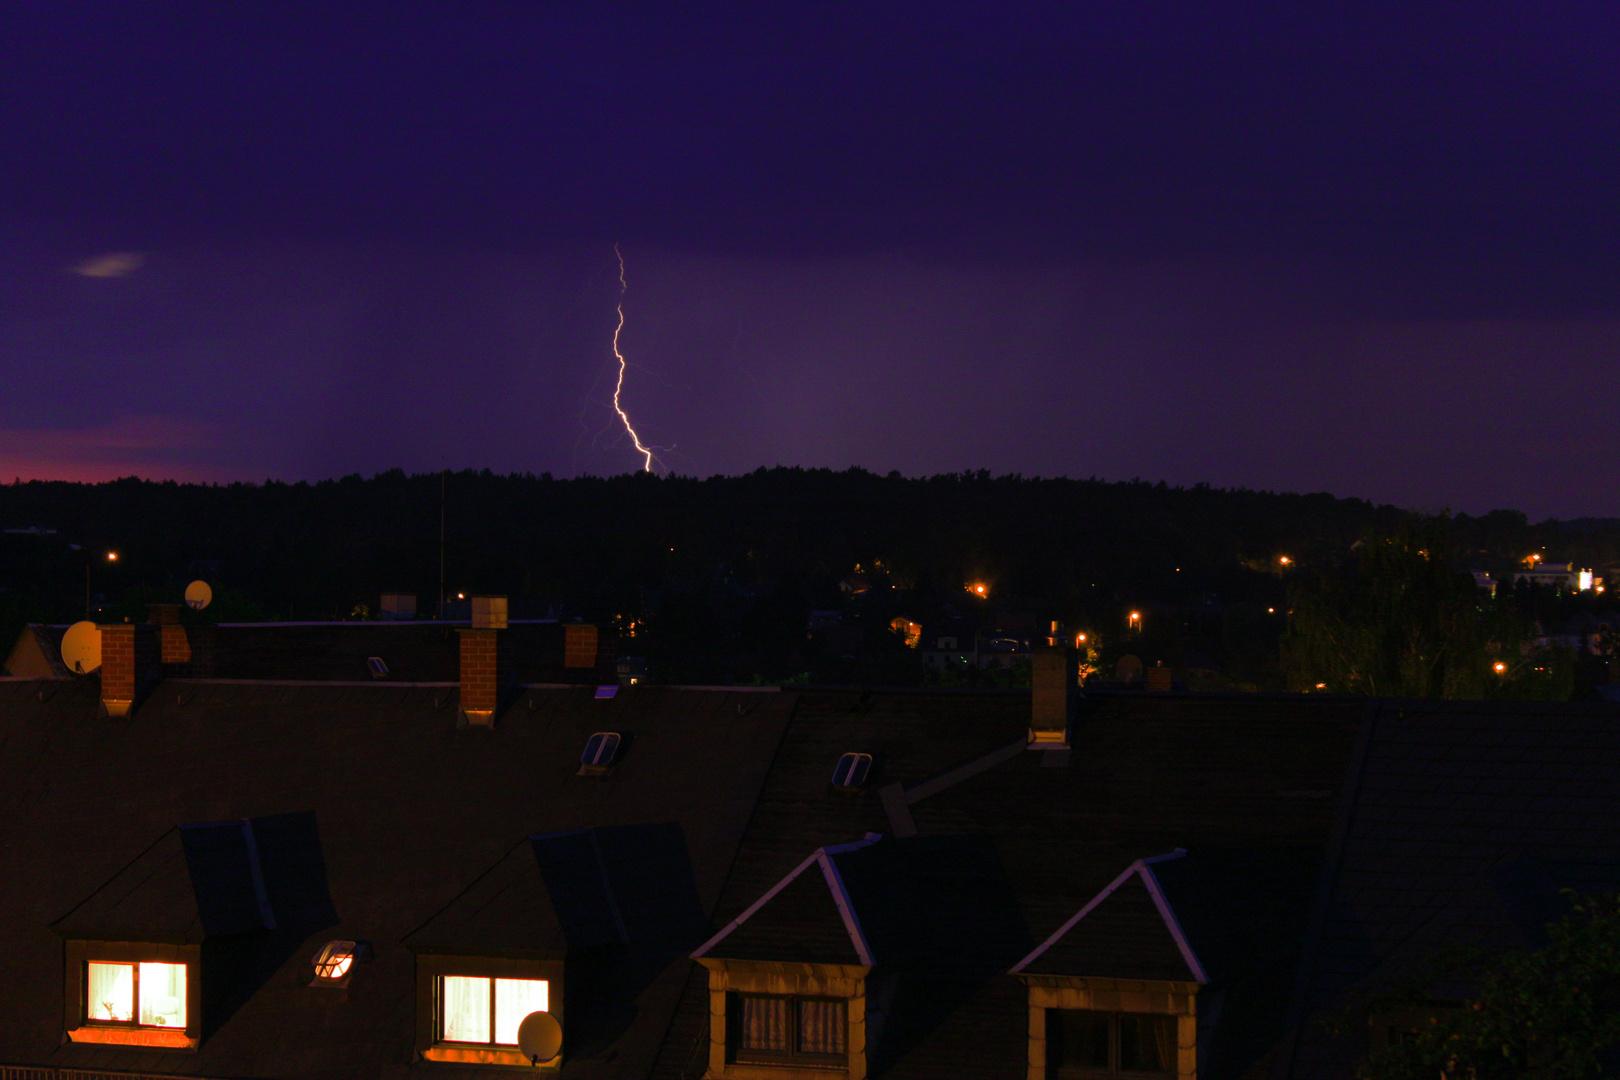 Der Blitz